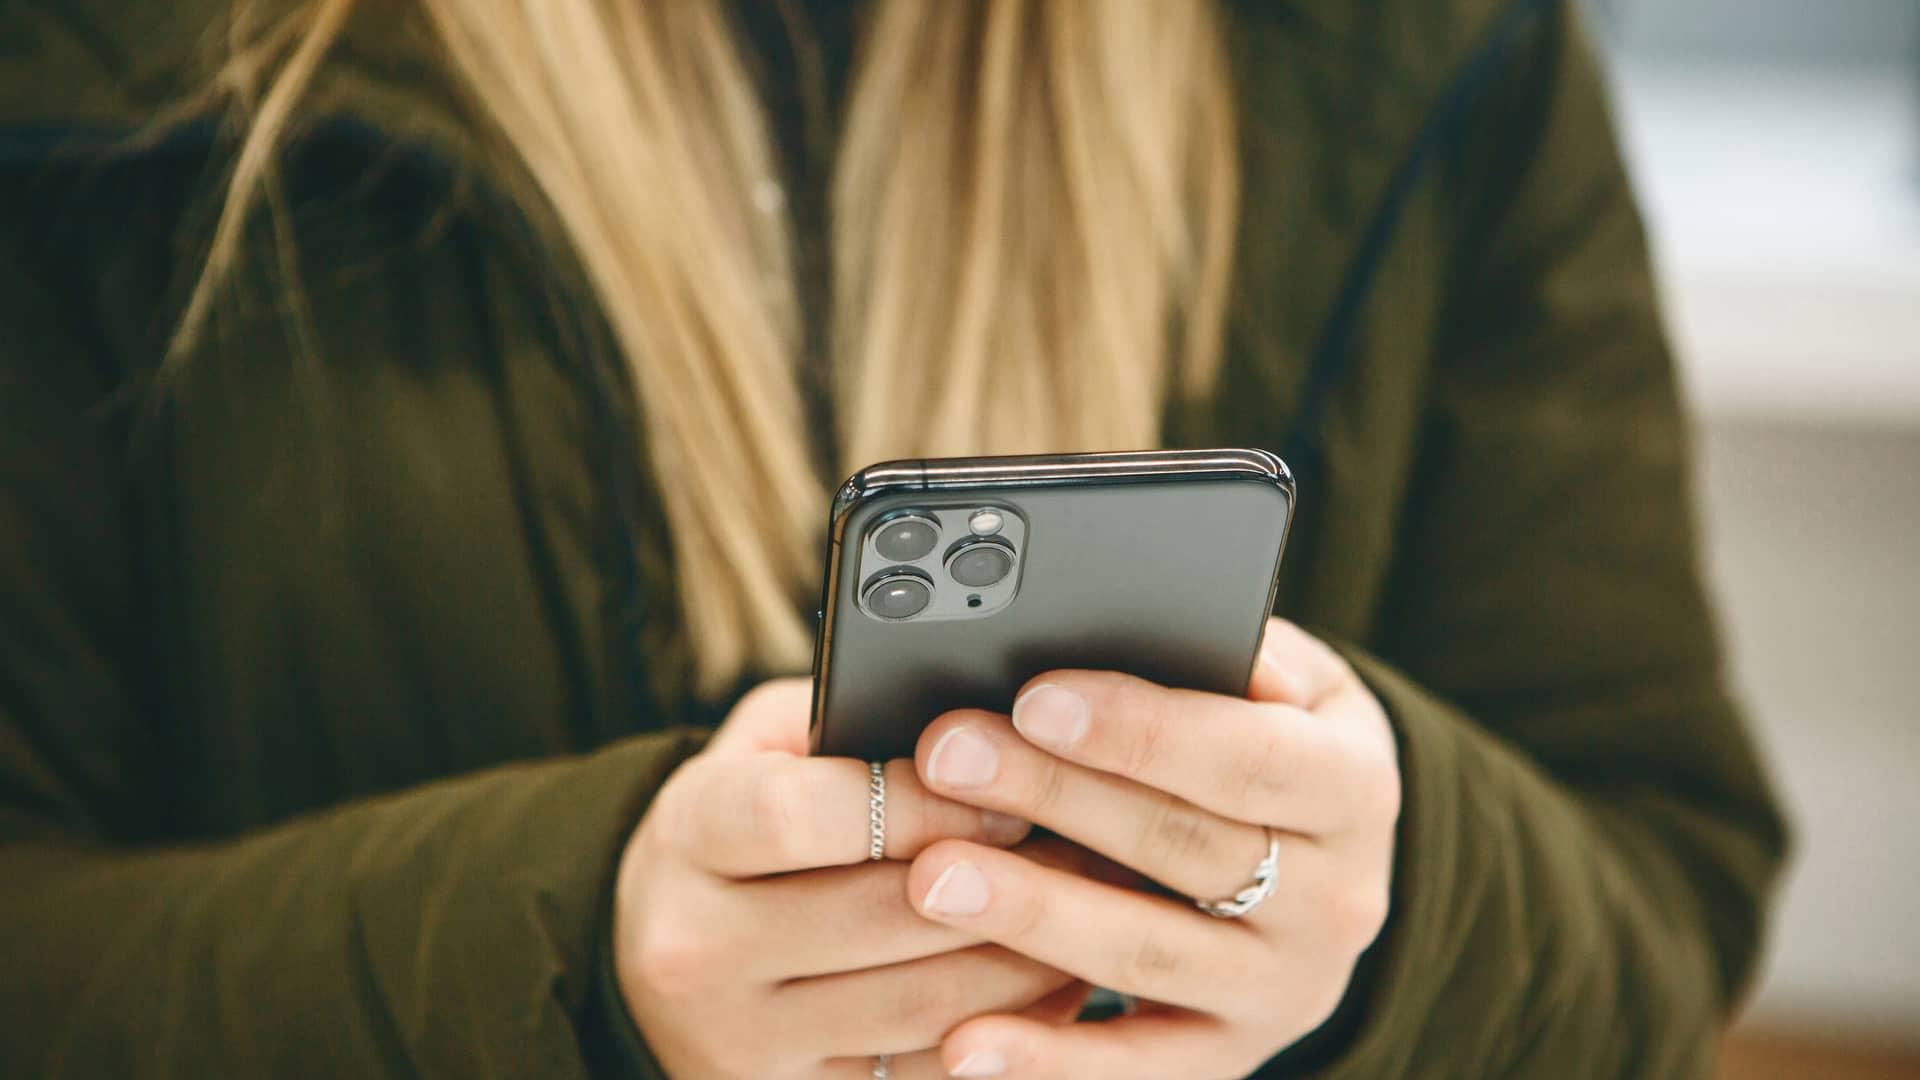 La chica usa un iphone 11 pro